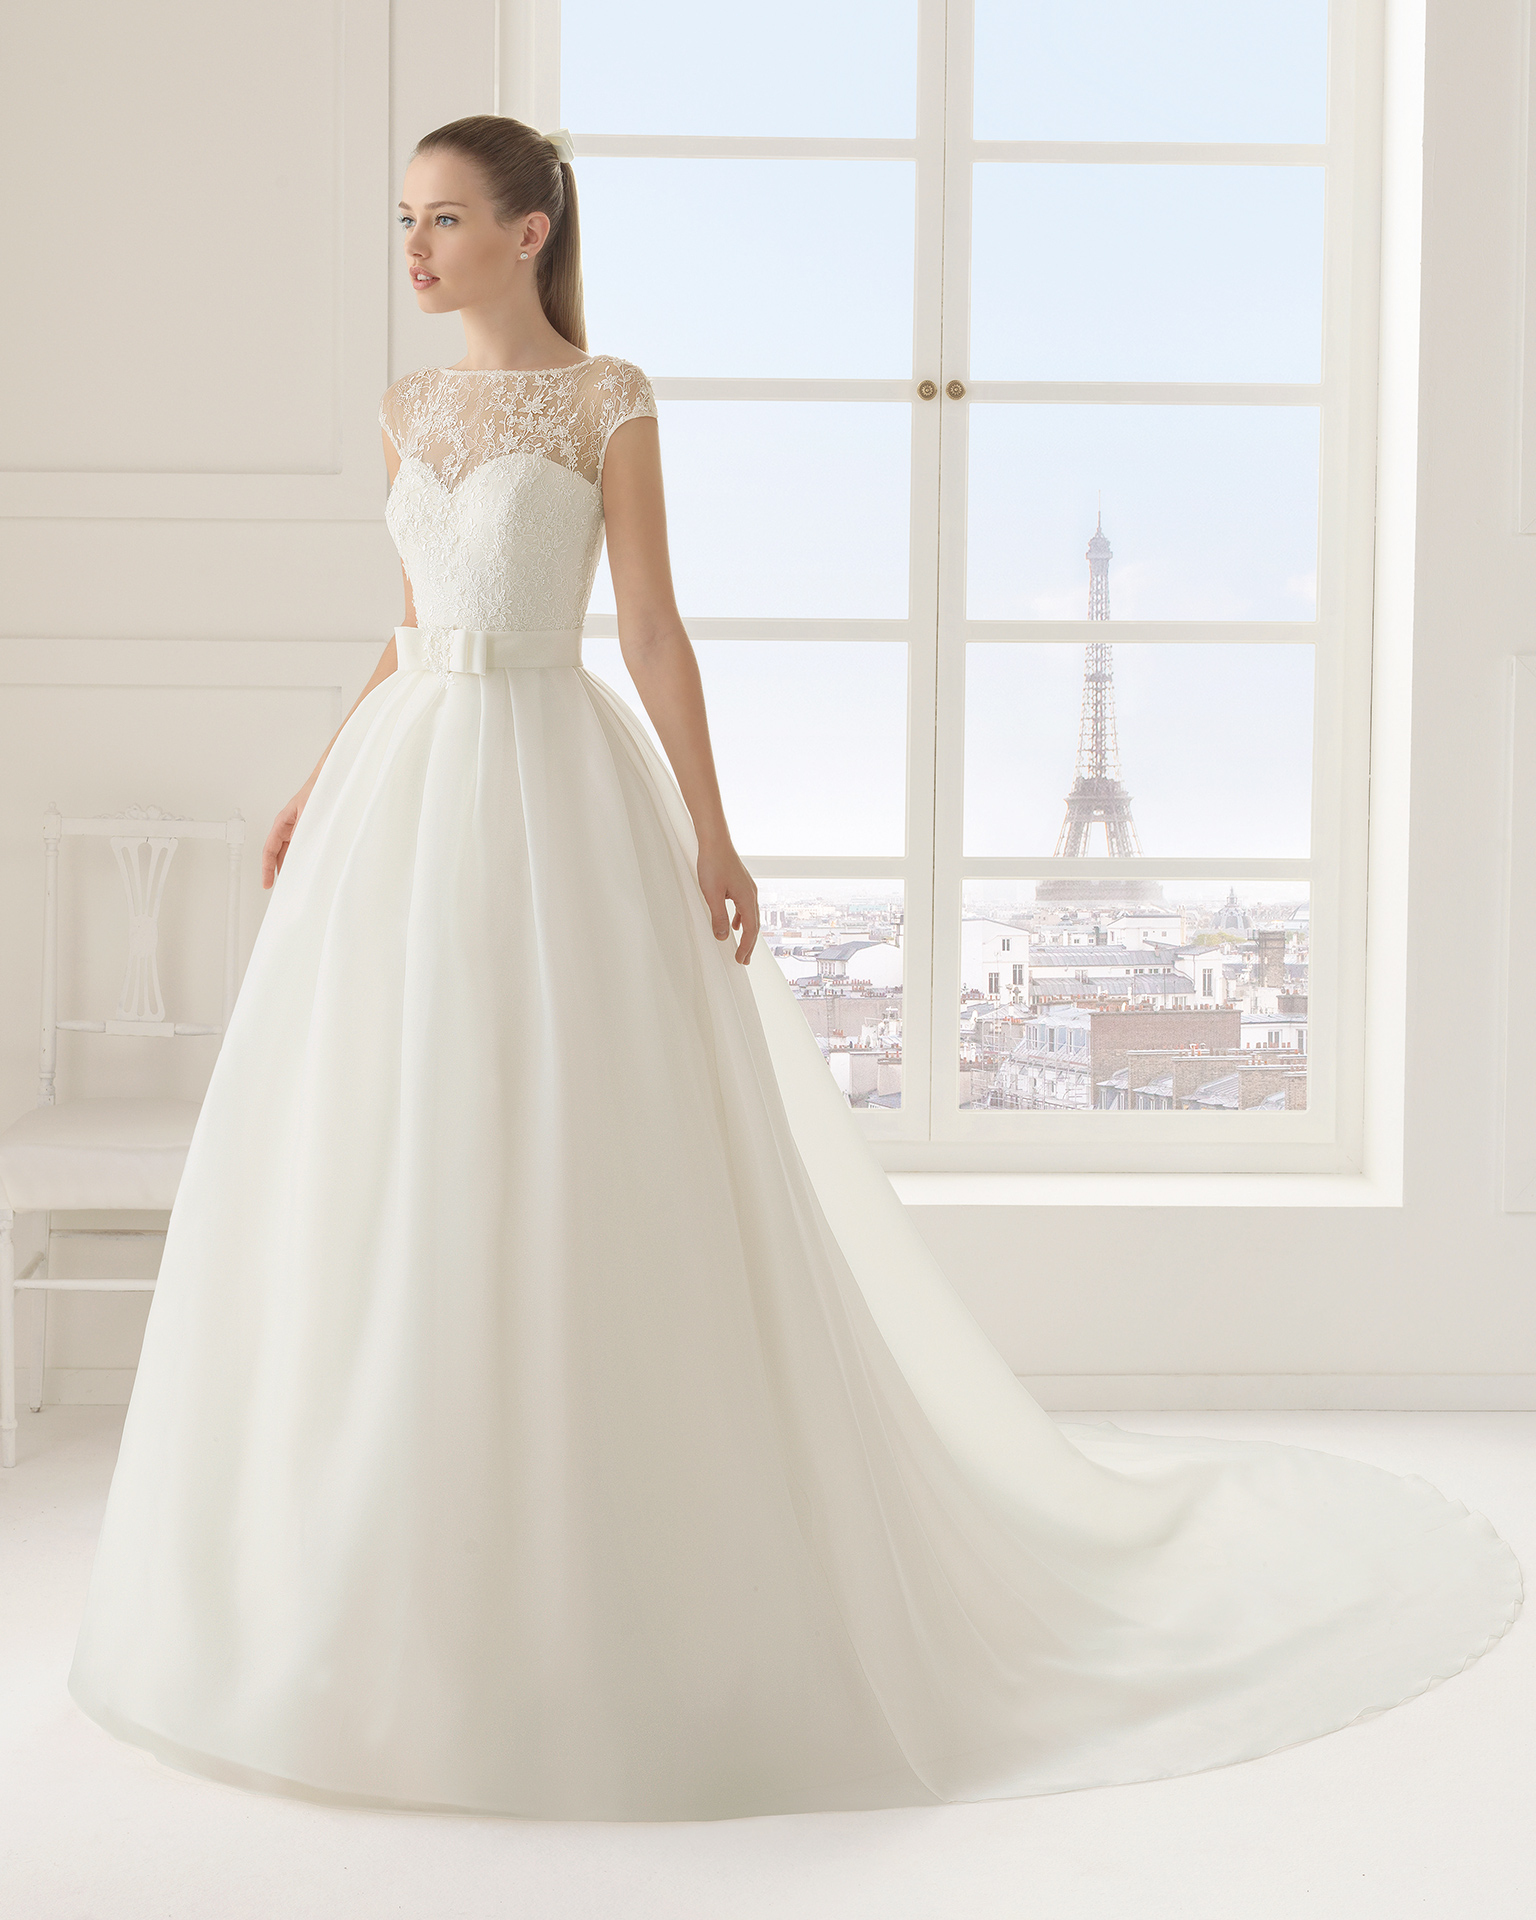 Erika (38, органза /кружево/бисер, natural) Свадебное платье Rosa Clara в Одессе. Свадебный салон Скоро Свадьба.